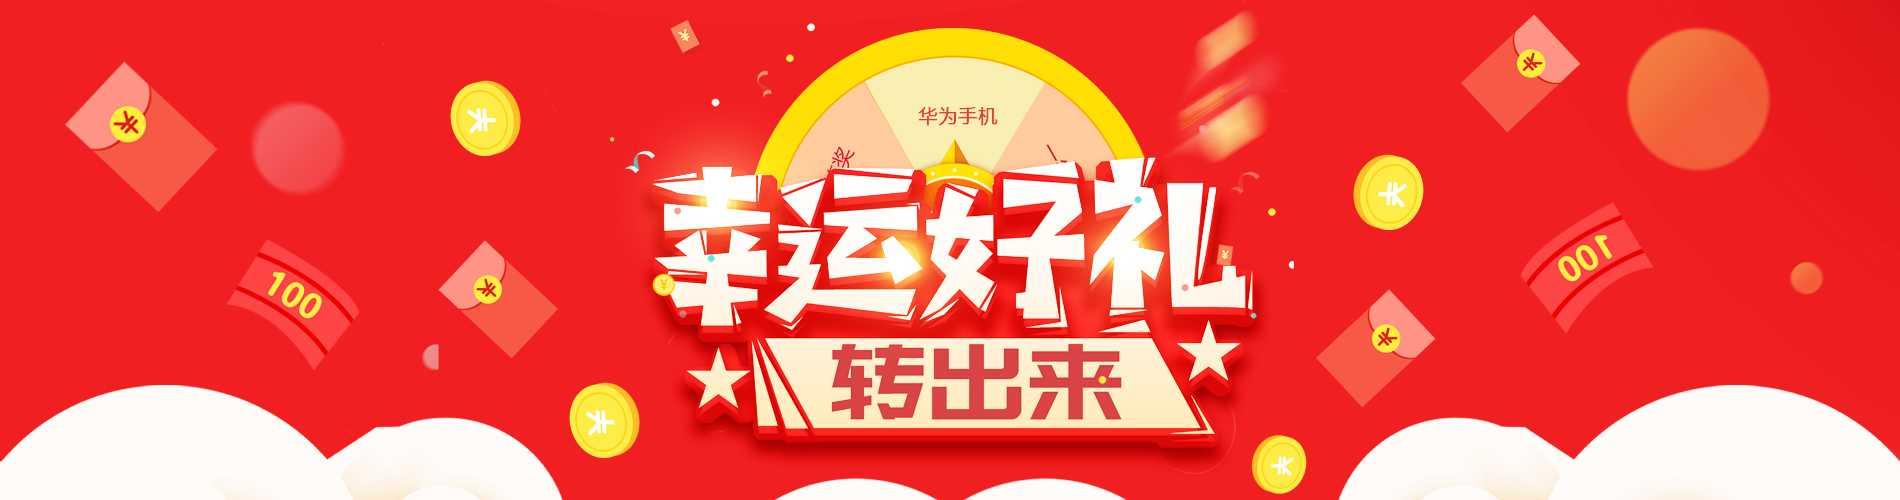 微信抽奖活动-www.bncc.org.cn北纳生物